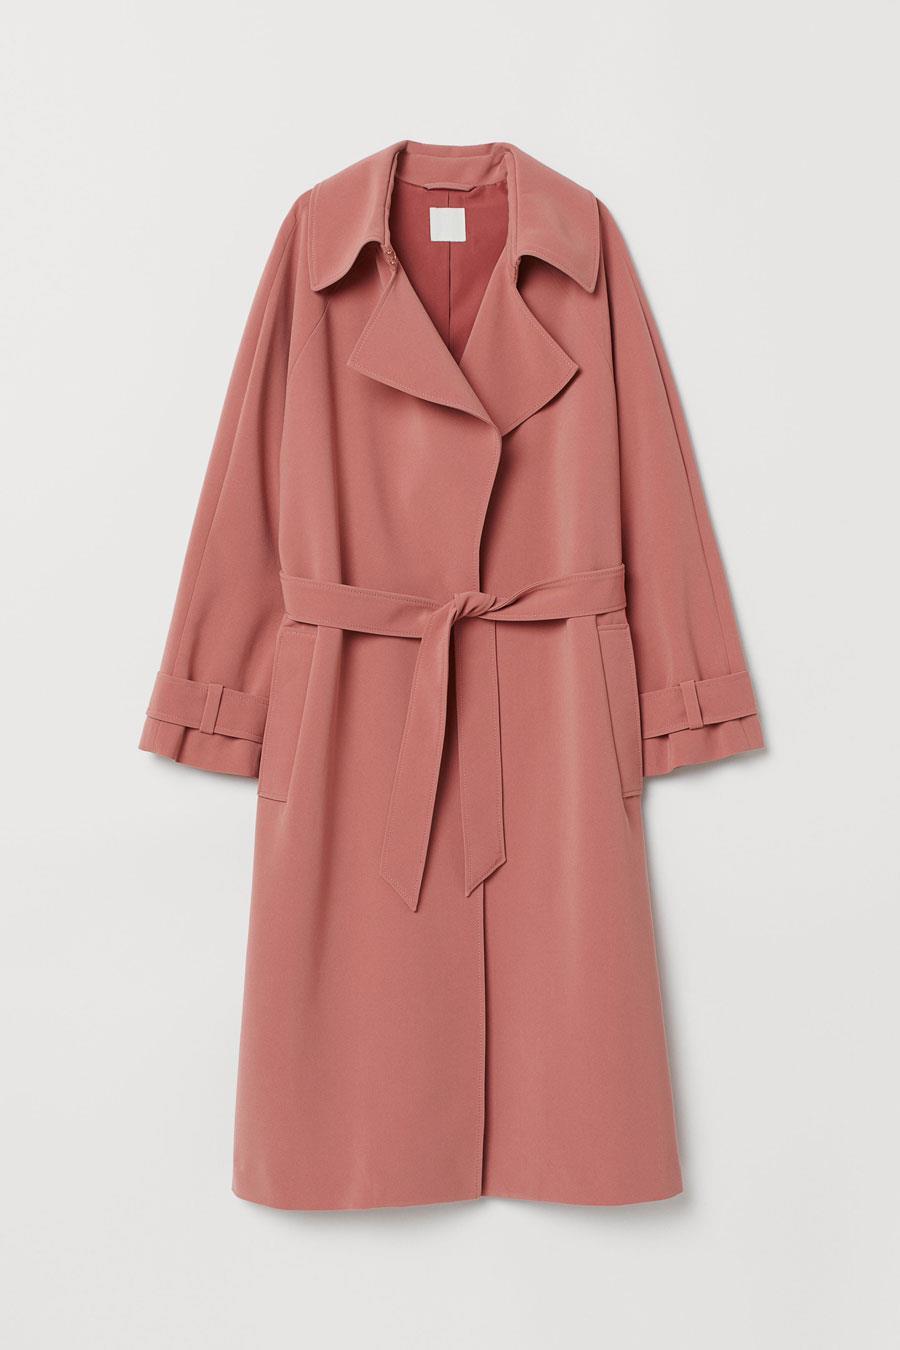 48f2e67b52185 Abrigo rosa  tendencia de moda primavera 2019 - InStyle